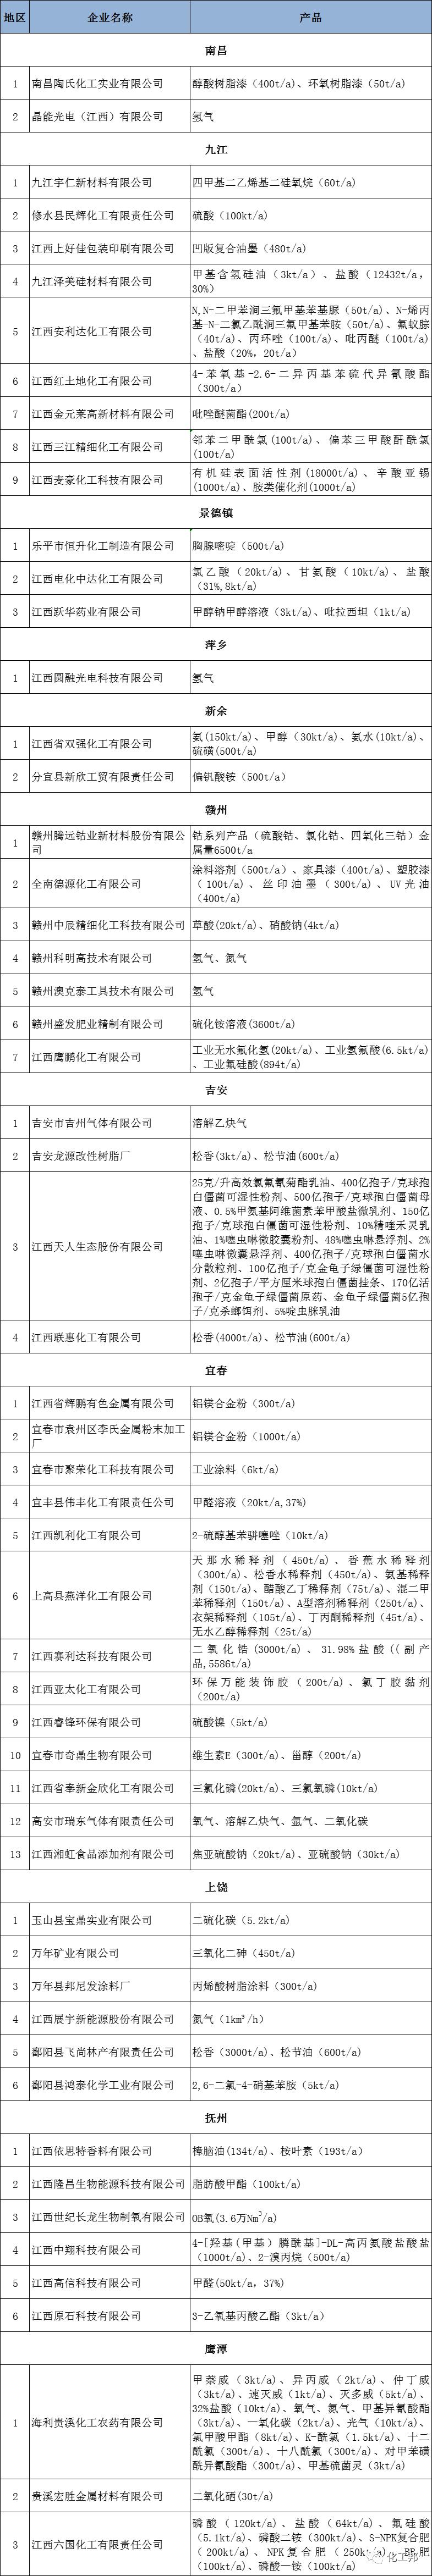 寰俊鍥剧墖_20210902175721.png